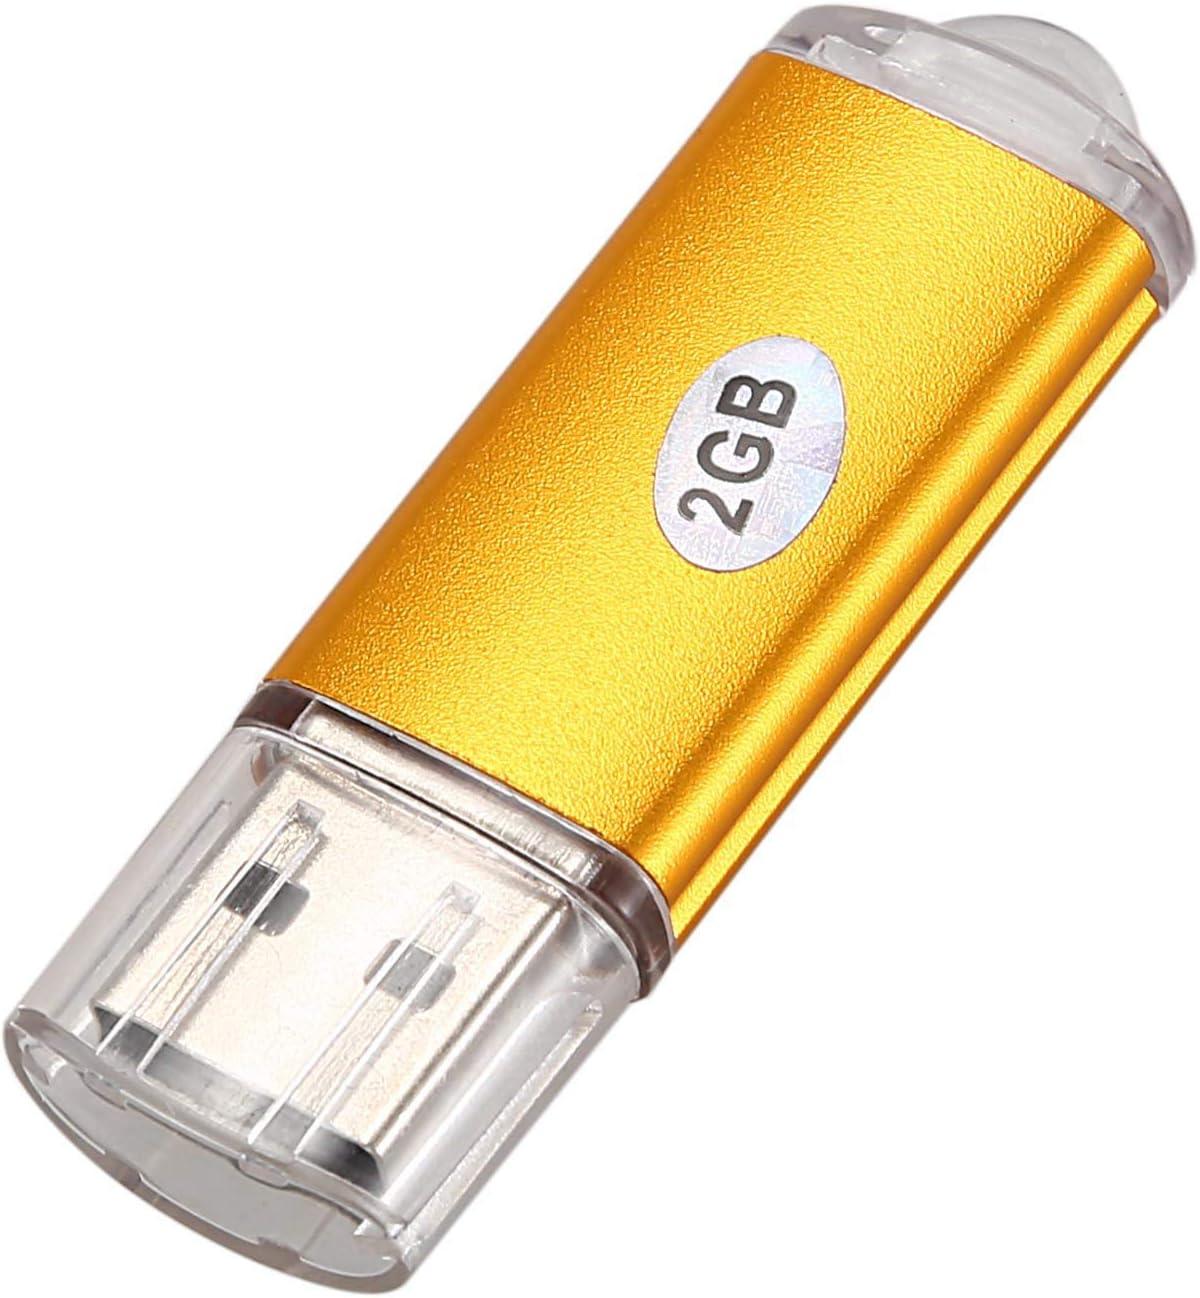 Noire 2/Go Cl/é USB 2.0 Sodial/® Capacit/é/